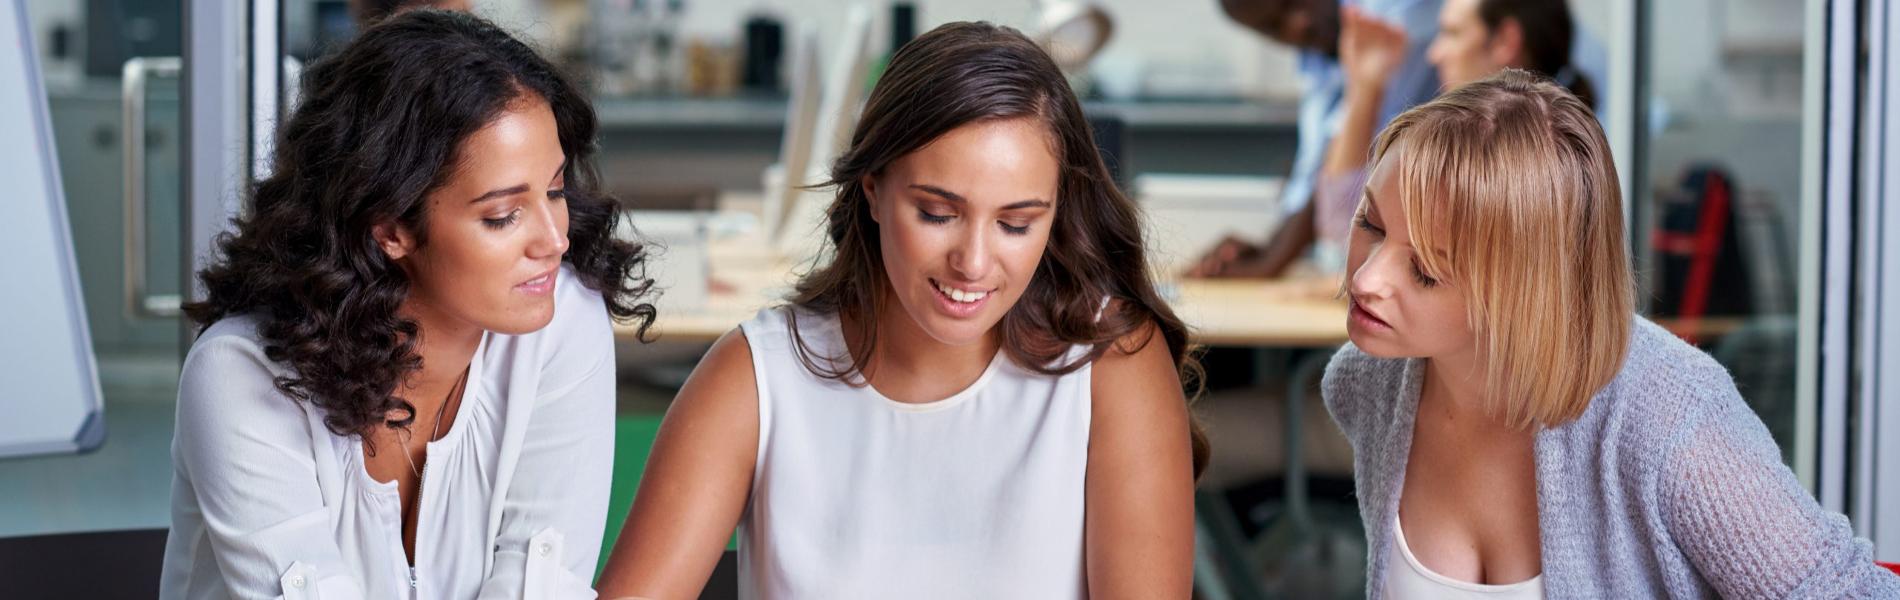 לכי חפשי את החברות שלך: מחקרים מראים שהן אלו שתעזורנה לך בקריירה